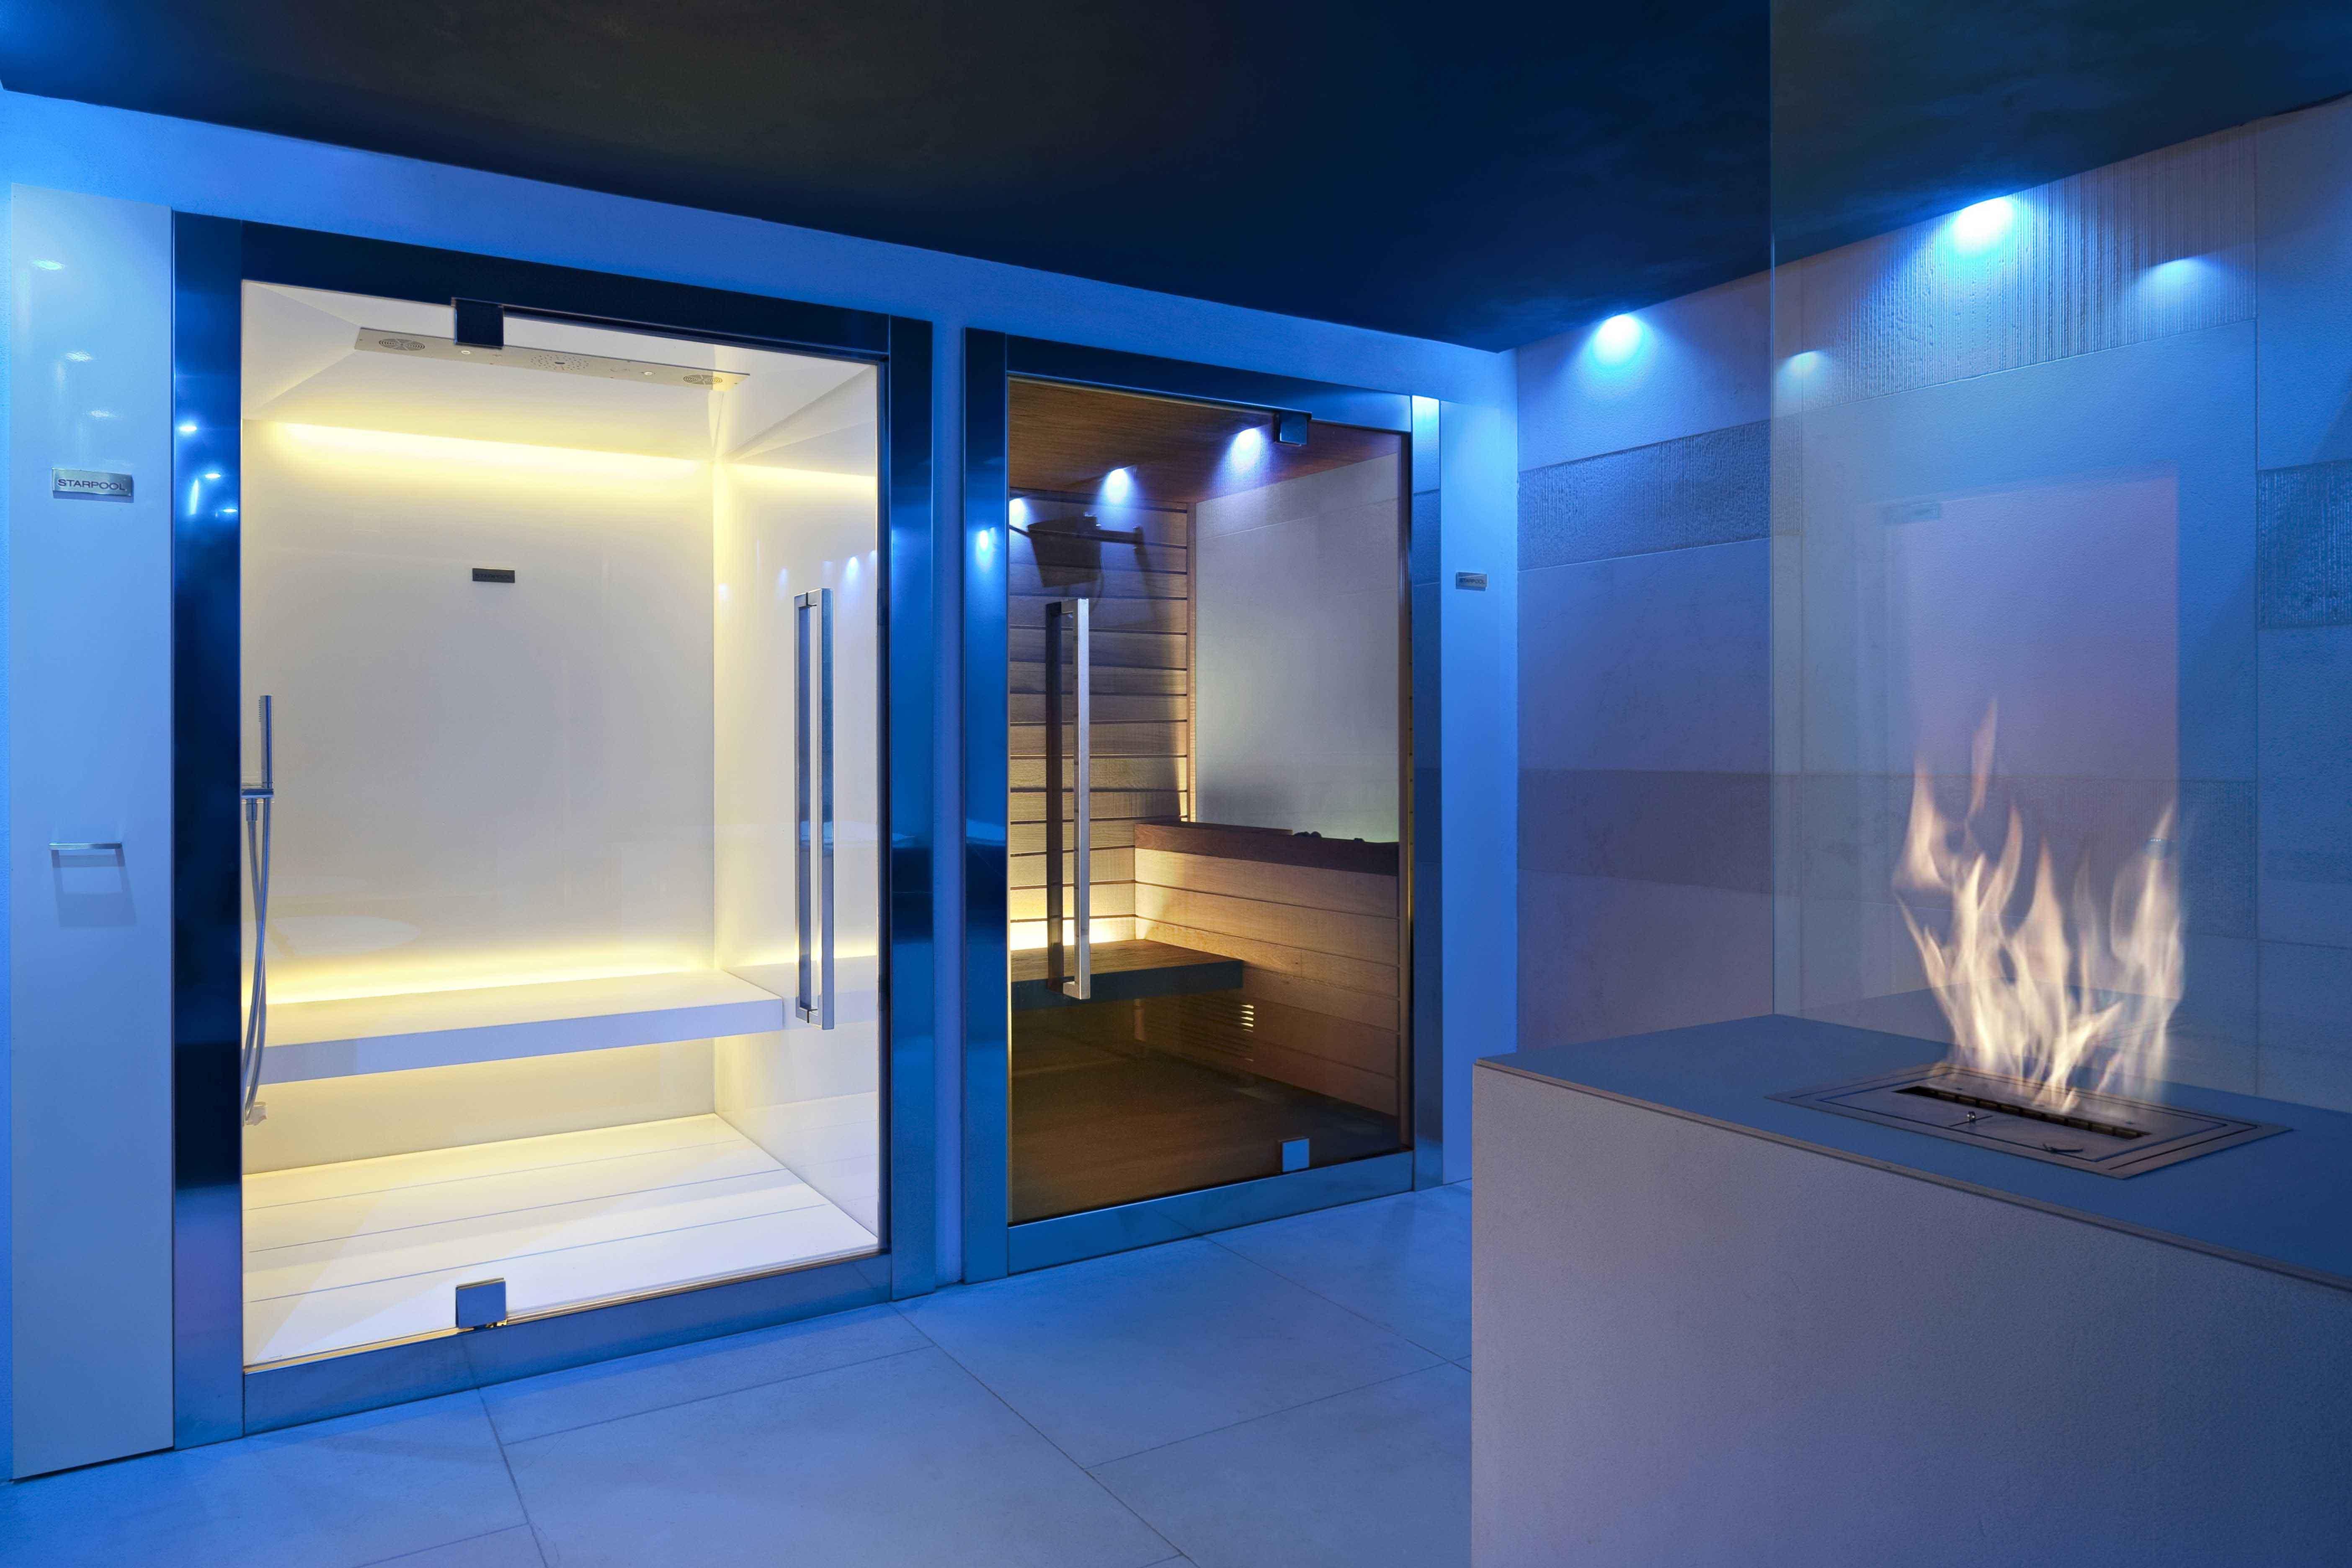 Il Design Delle Saune Starpool Di Ziano Vince Il Premio